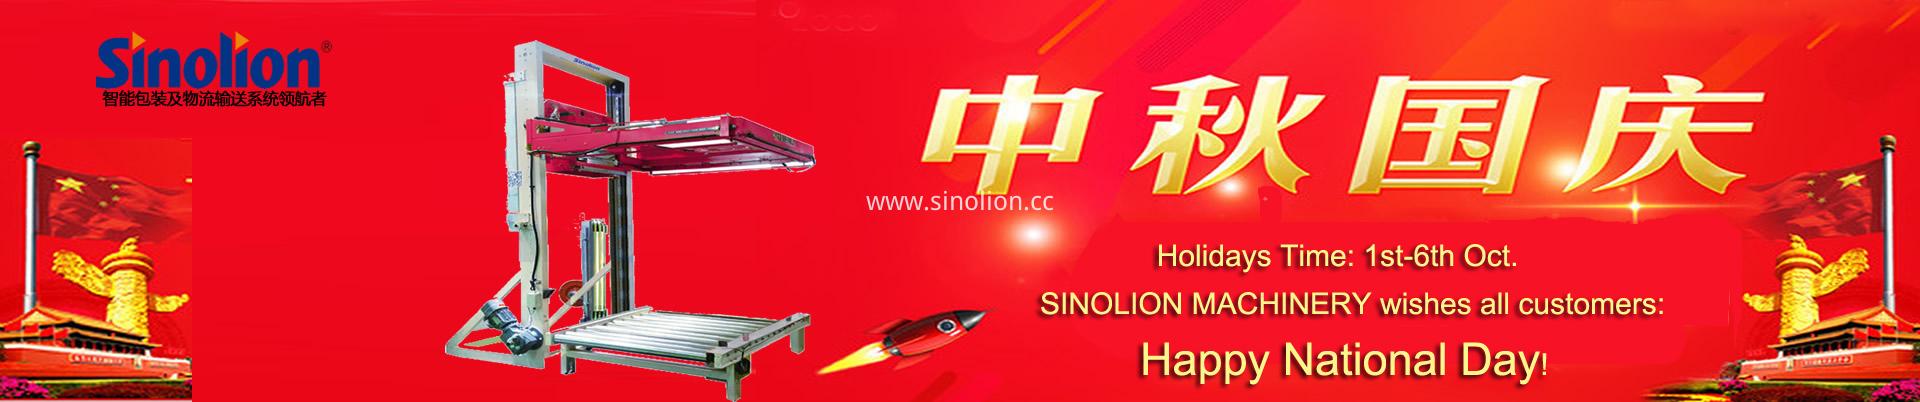 sinolion machinery